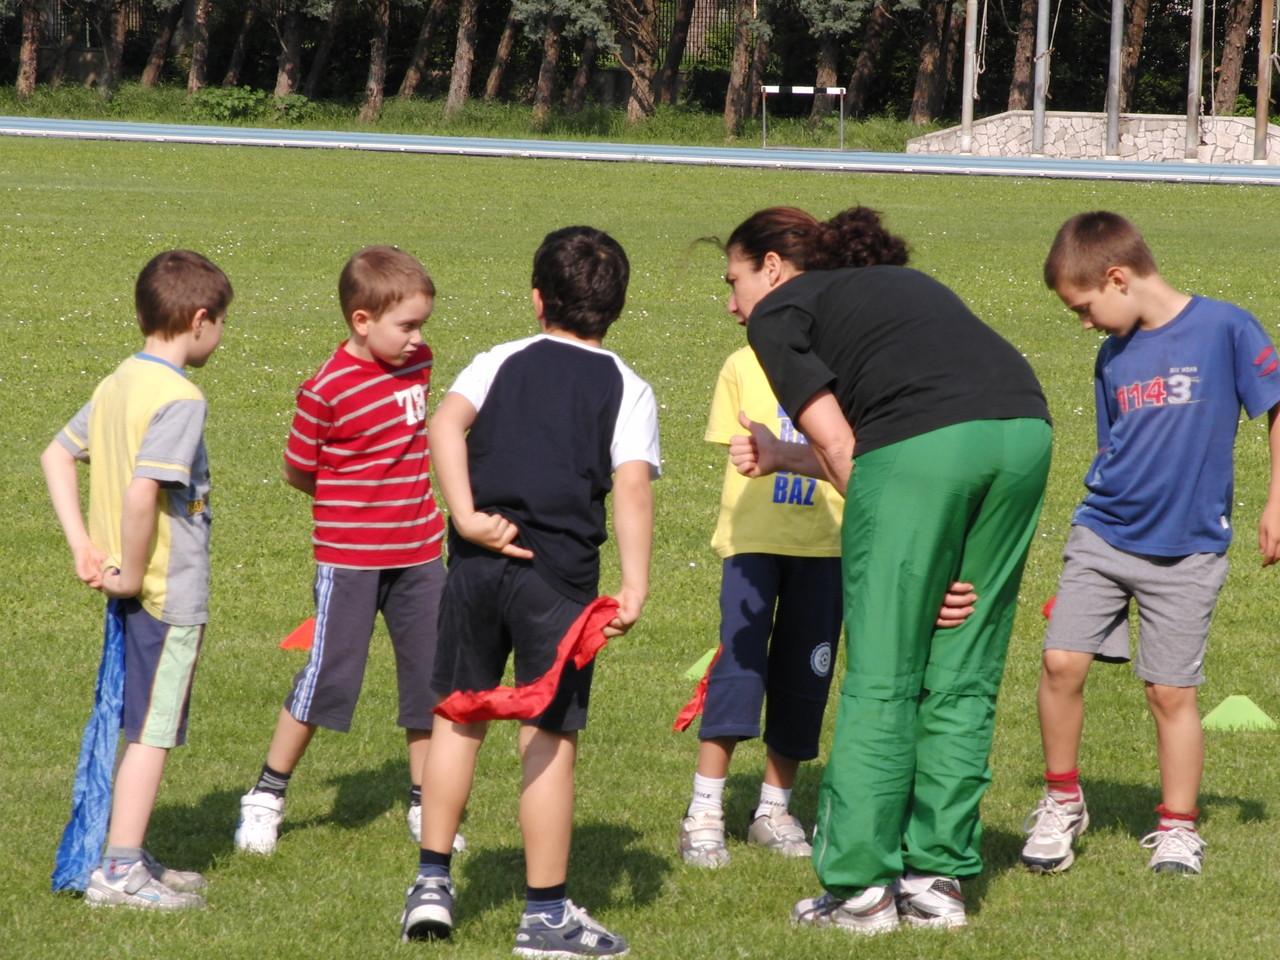 CORSO ATLETICA - giochi di riscaldamento - Campo Scuola maggio 2011